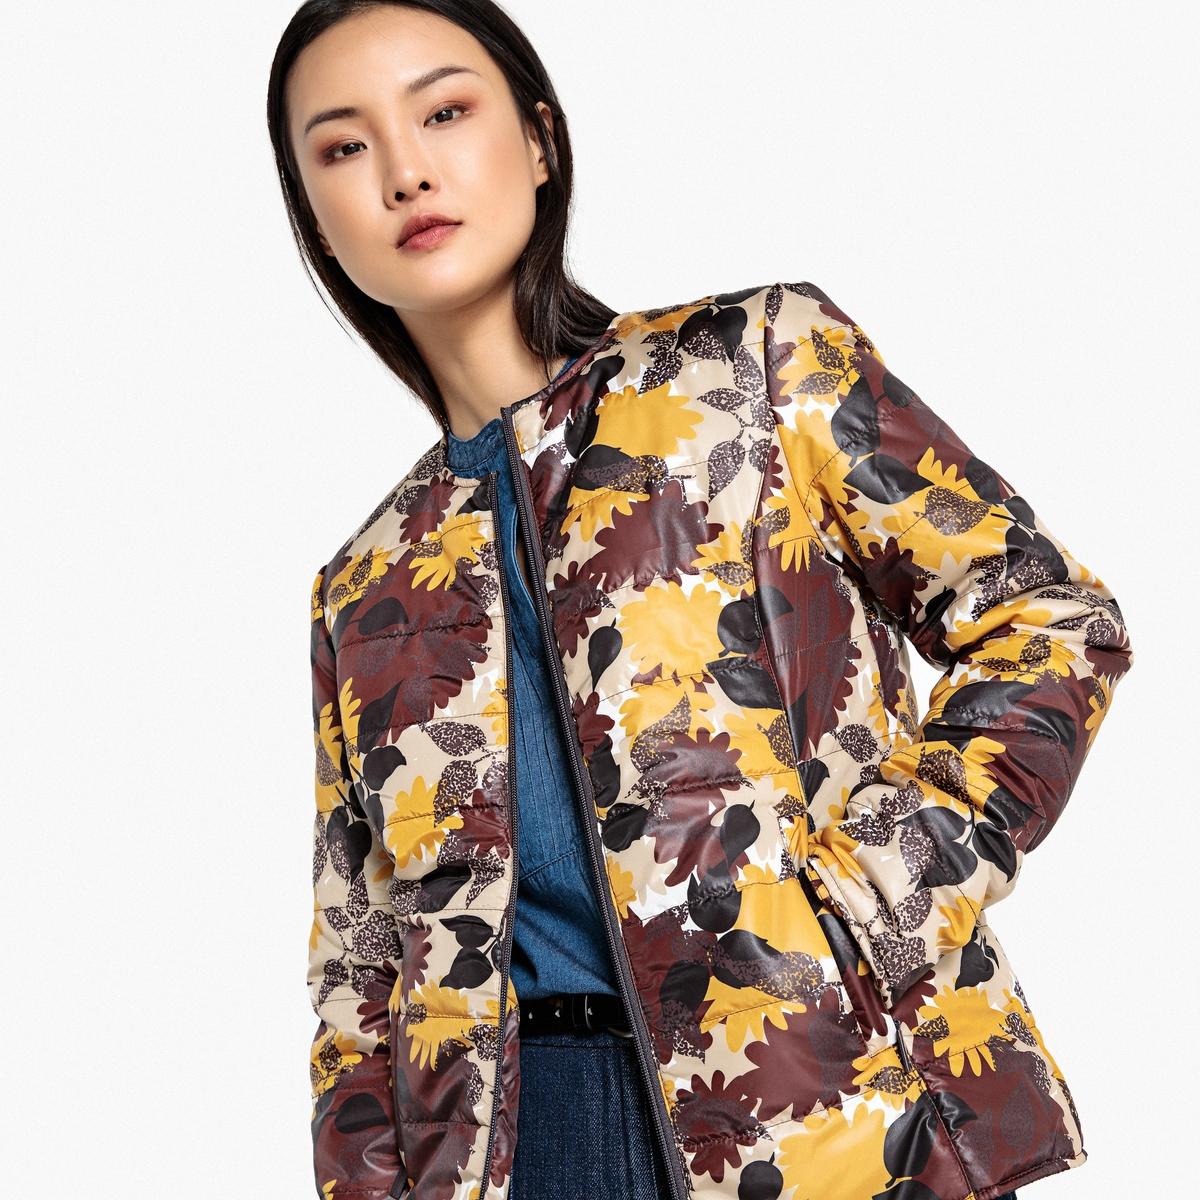 Куртка La Redoute Легкая с принтом 40 (FR) - 46 (RUS) каштановый куртка la redoute легкая укороченная с леопардовым принтом 34 fr 40 rus другие